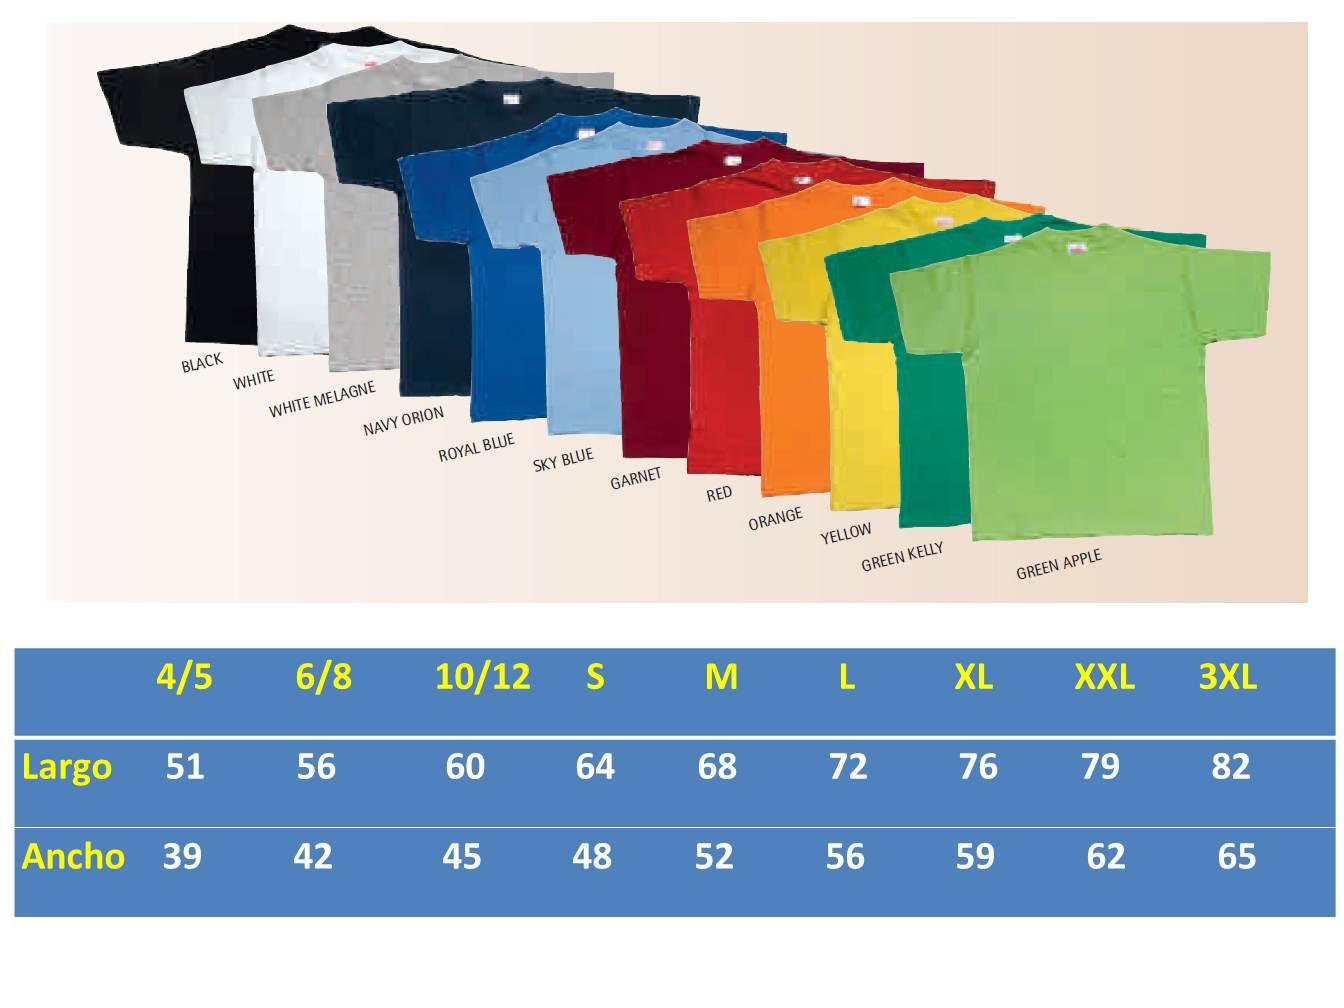 Las camisetas de colores sólidos y uniformes son ideales para personalizar